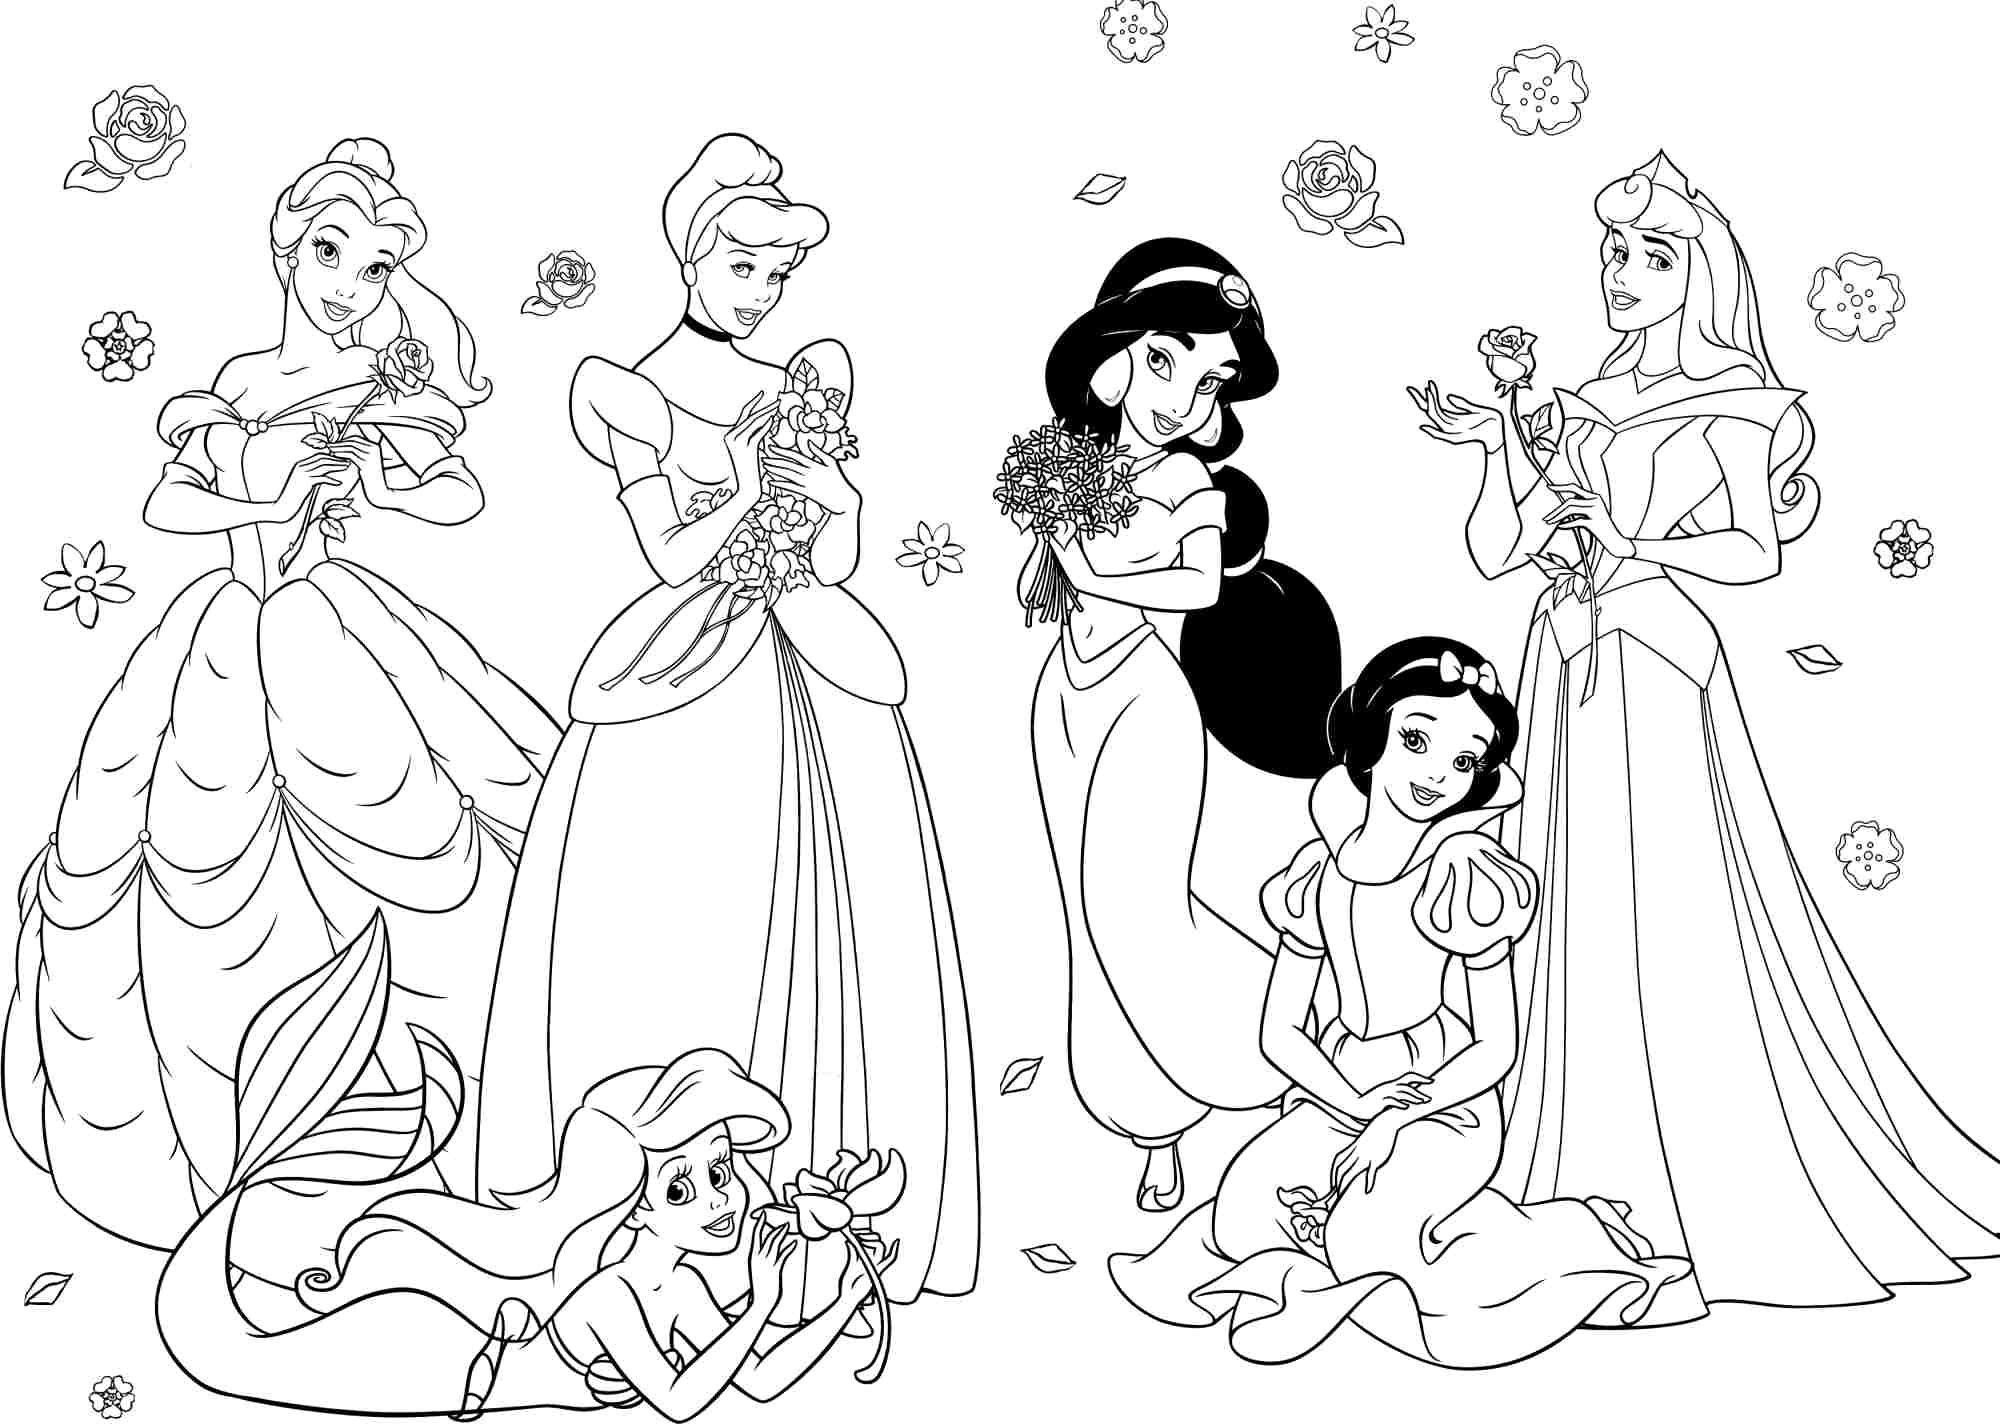 72 Disney Princess Coloring Book Pdf Download Free Images Disney Princess Coloring Pages Disney Princess Colors Princess Coloring Pages